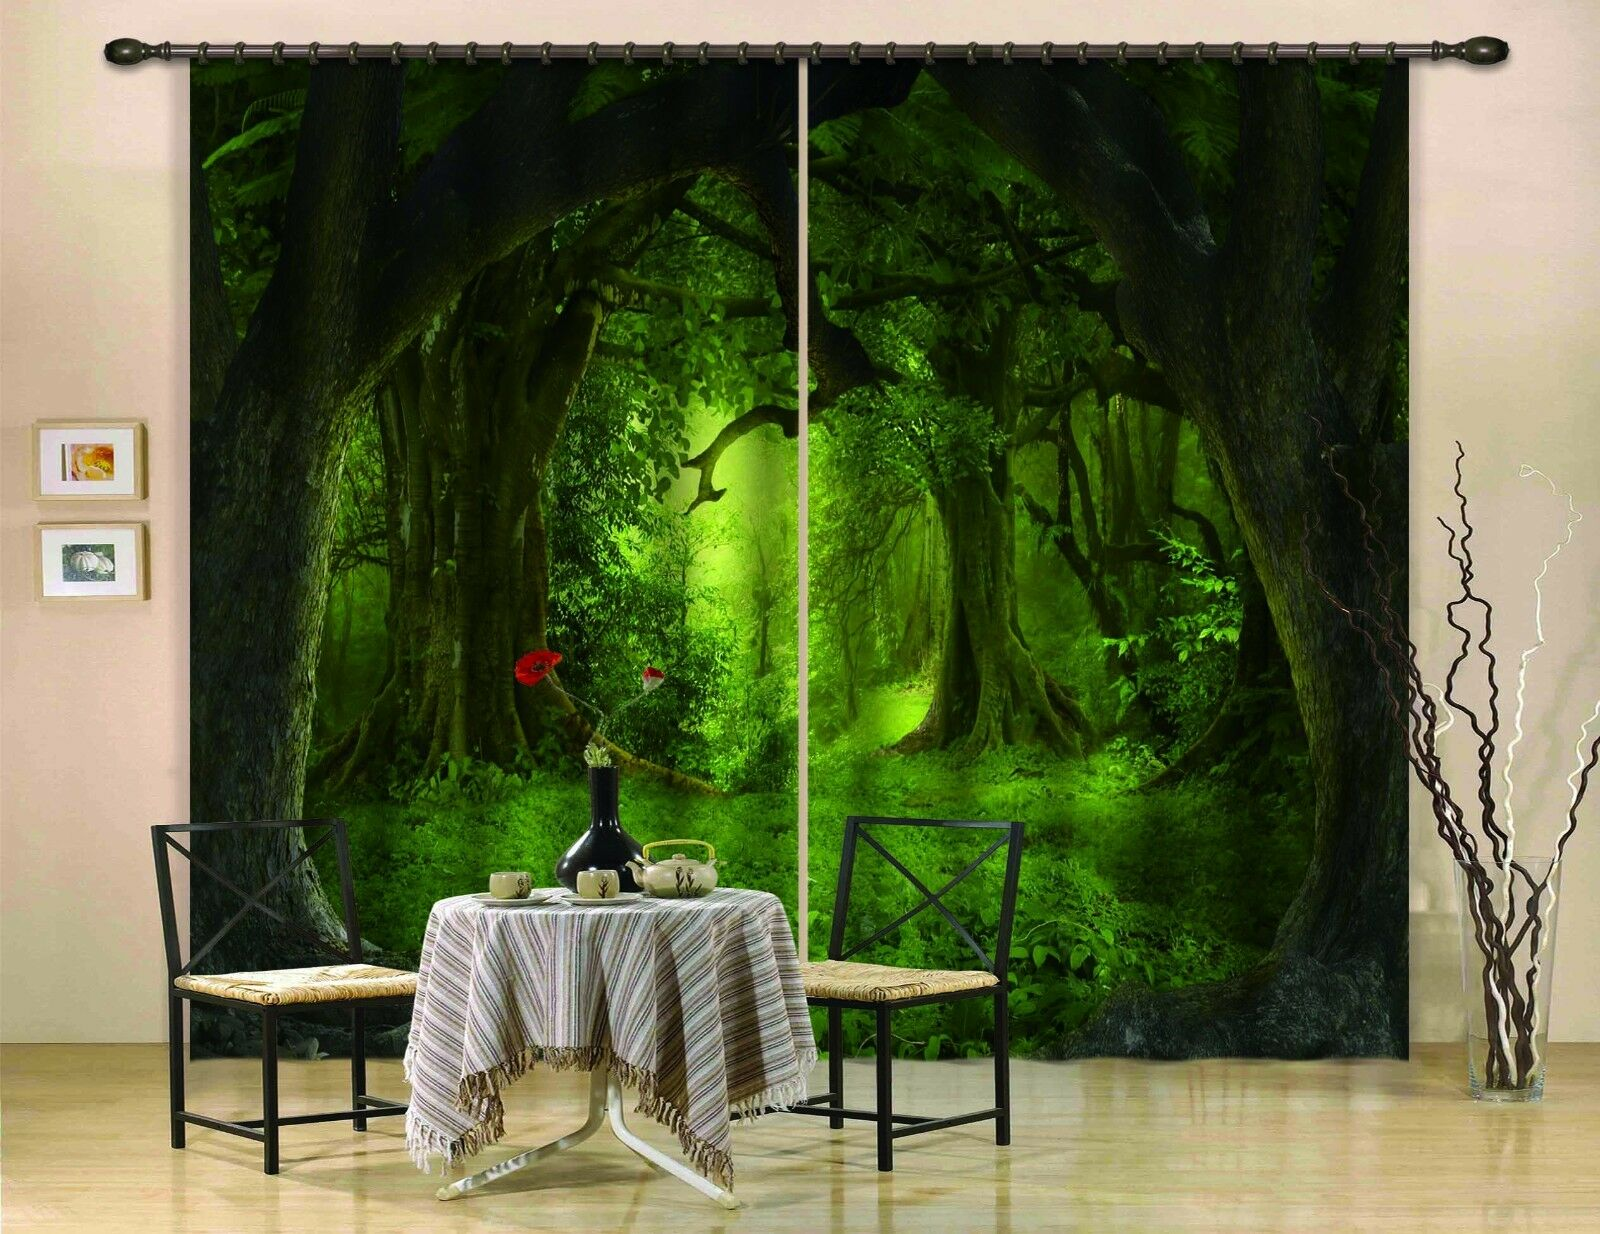 Vista de bosque 3D 3 Cortinas de impresión de cortina de foto Blockout Tela Cortinas Ventana CA